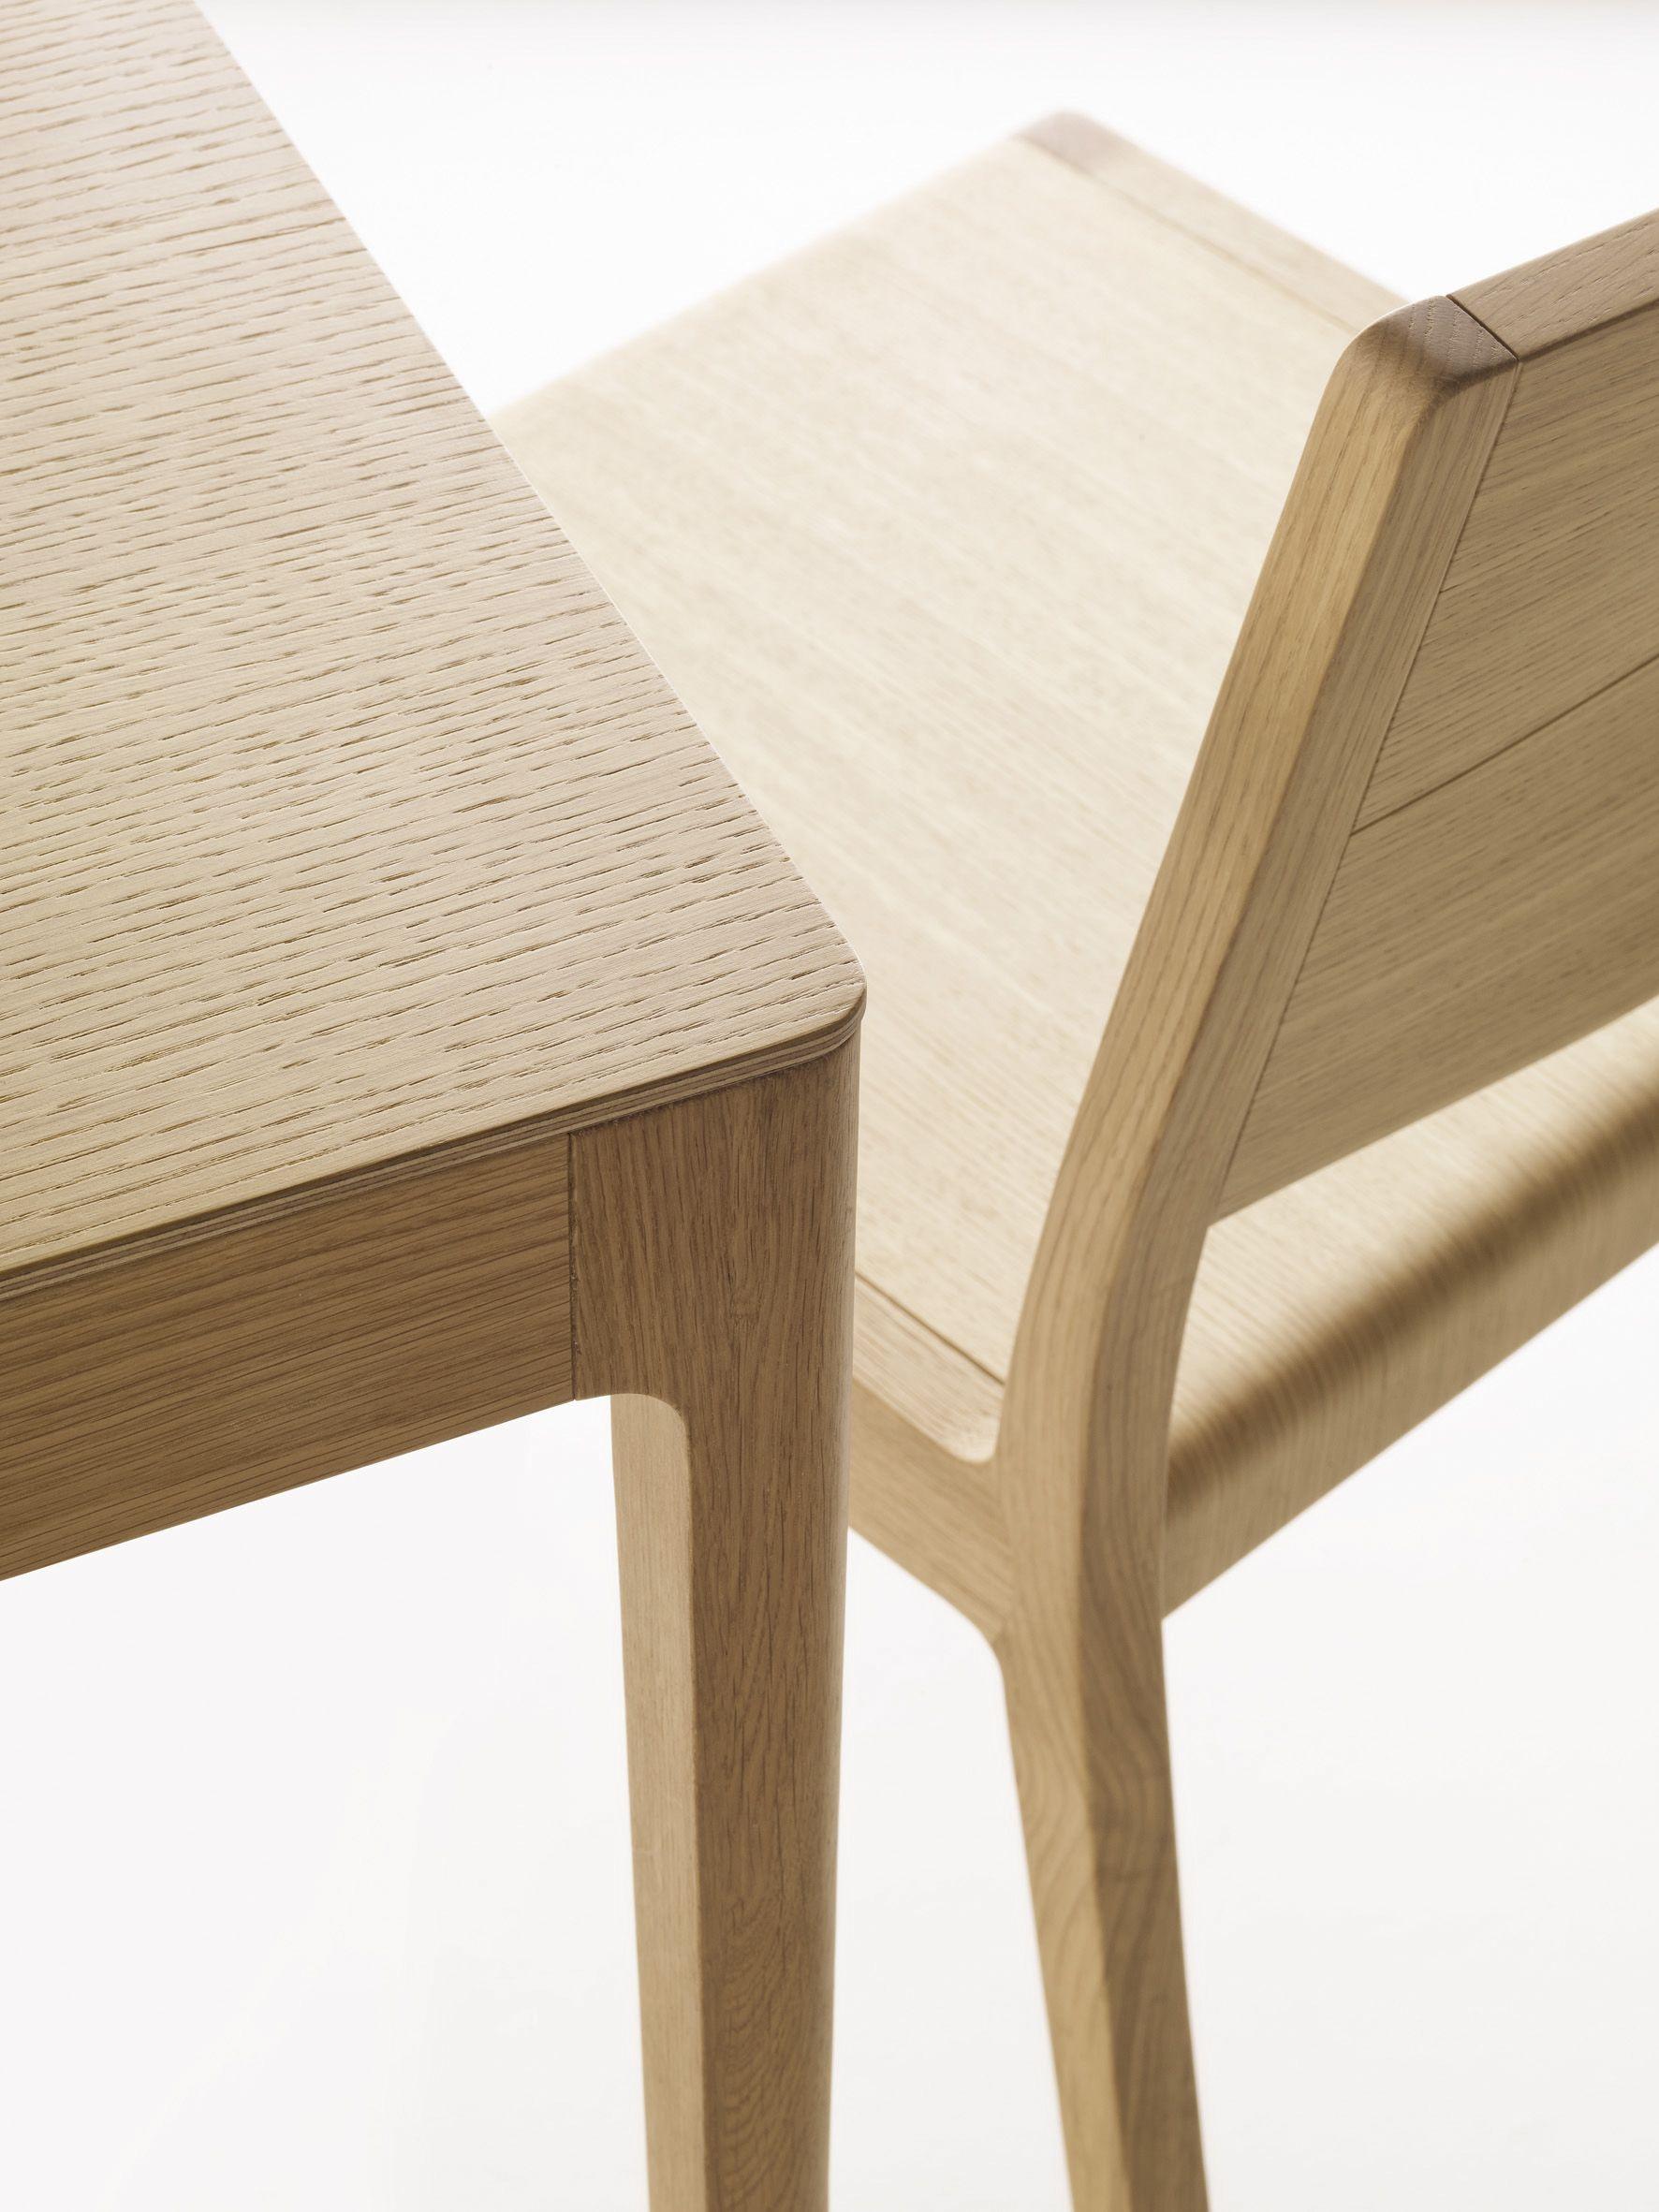 Colecci n de sillas taburetes y mesas modelo esse de for Modelos de oficinas